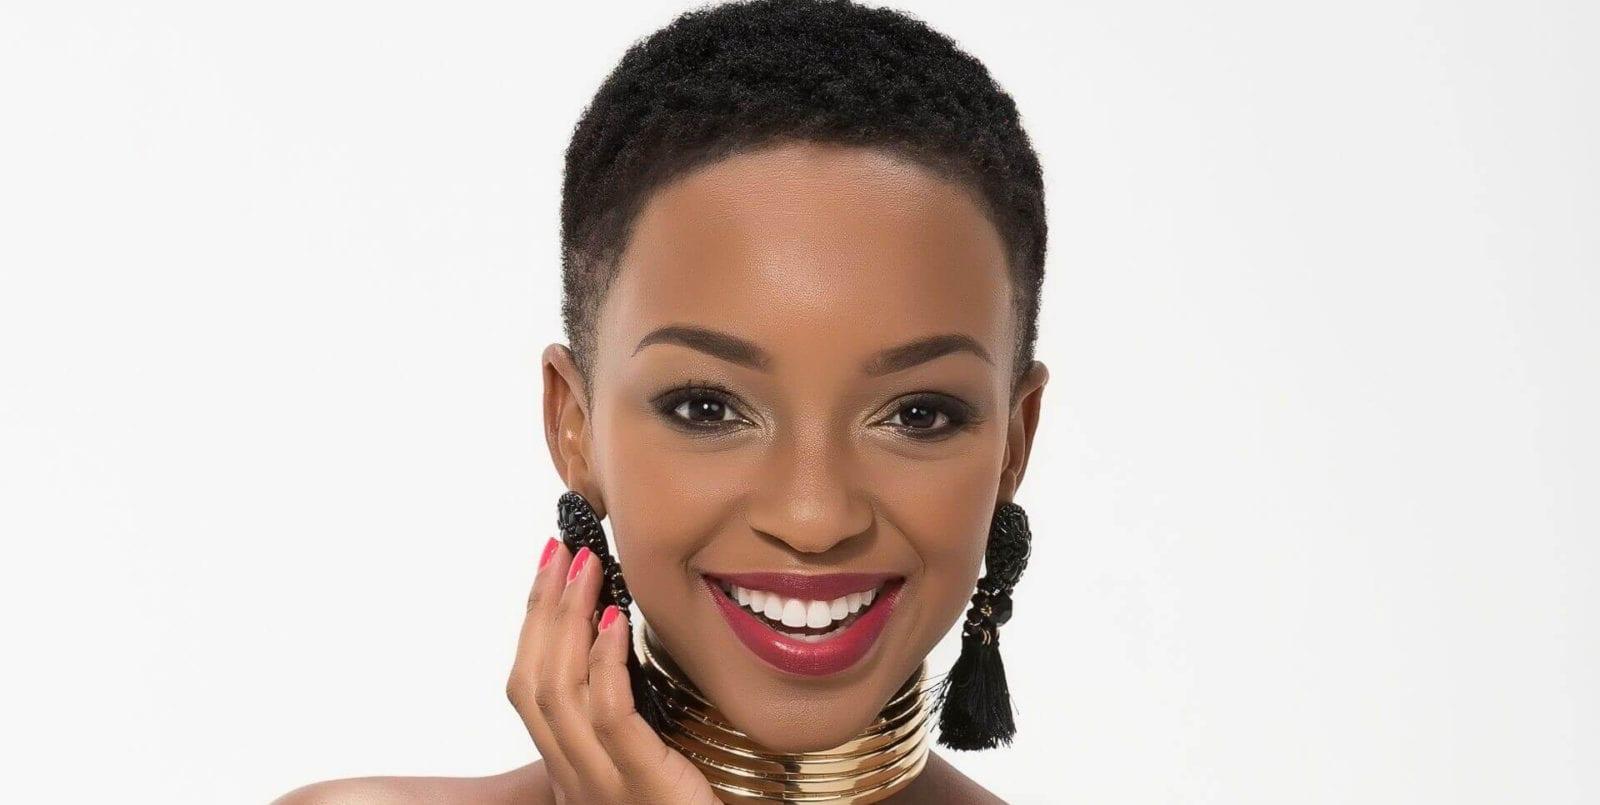 Les pays d'Afrique où trouver les plus belles femmes !